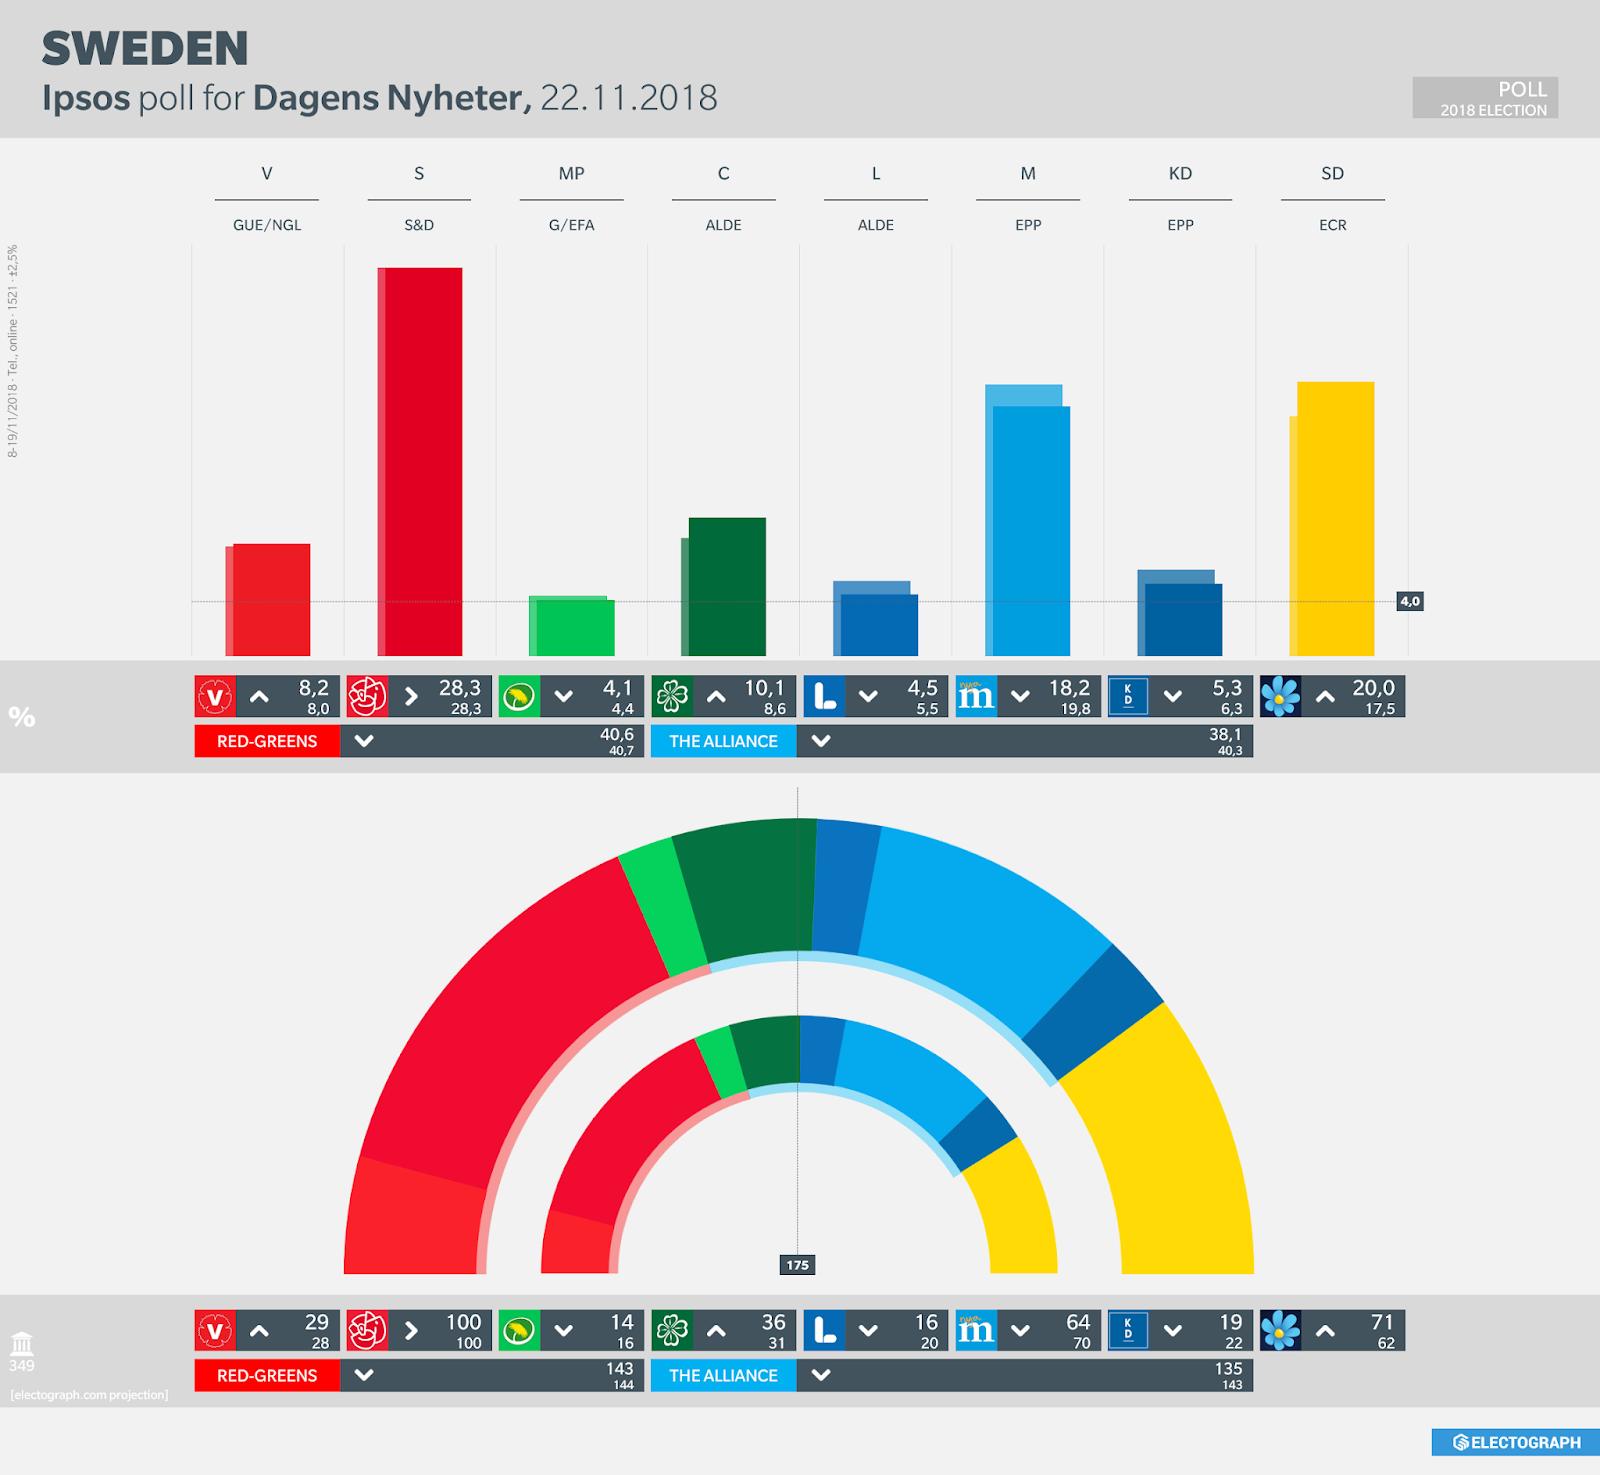 SWEDEN: Ipsos poll chart for Dagens Nyheter, 22 November 2018